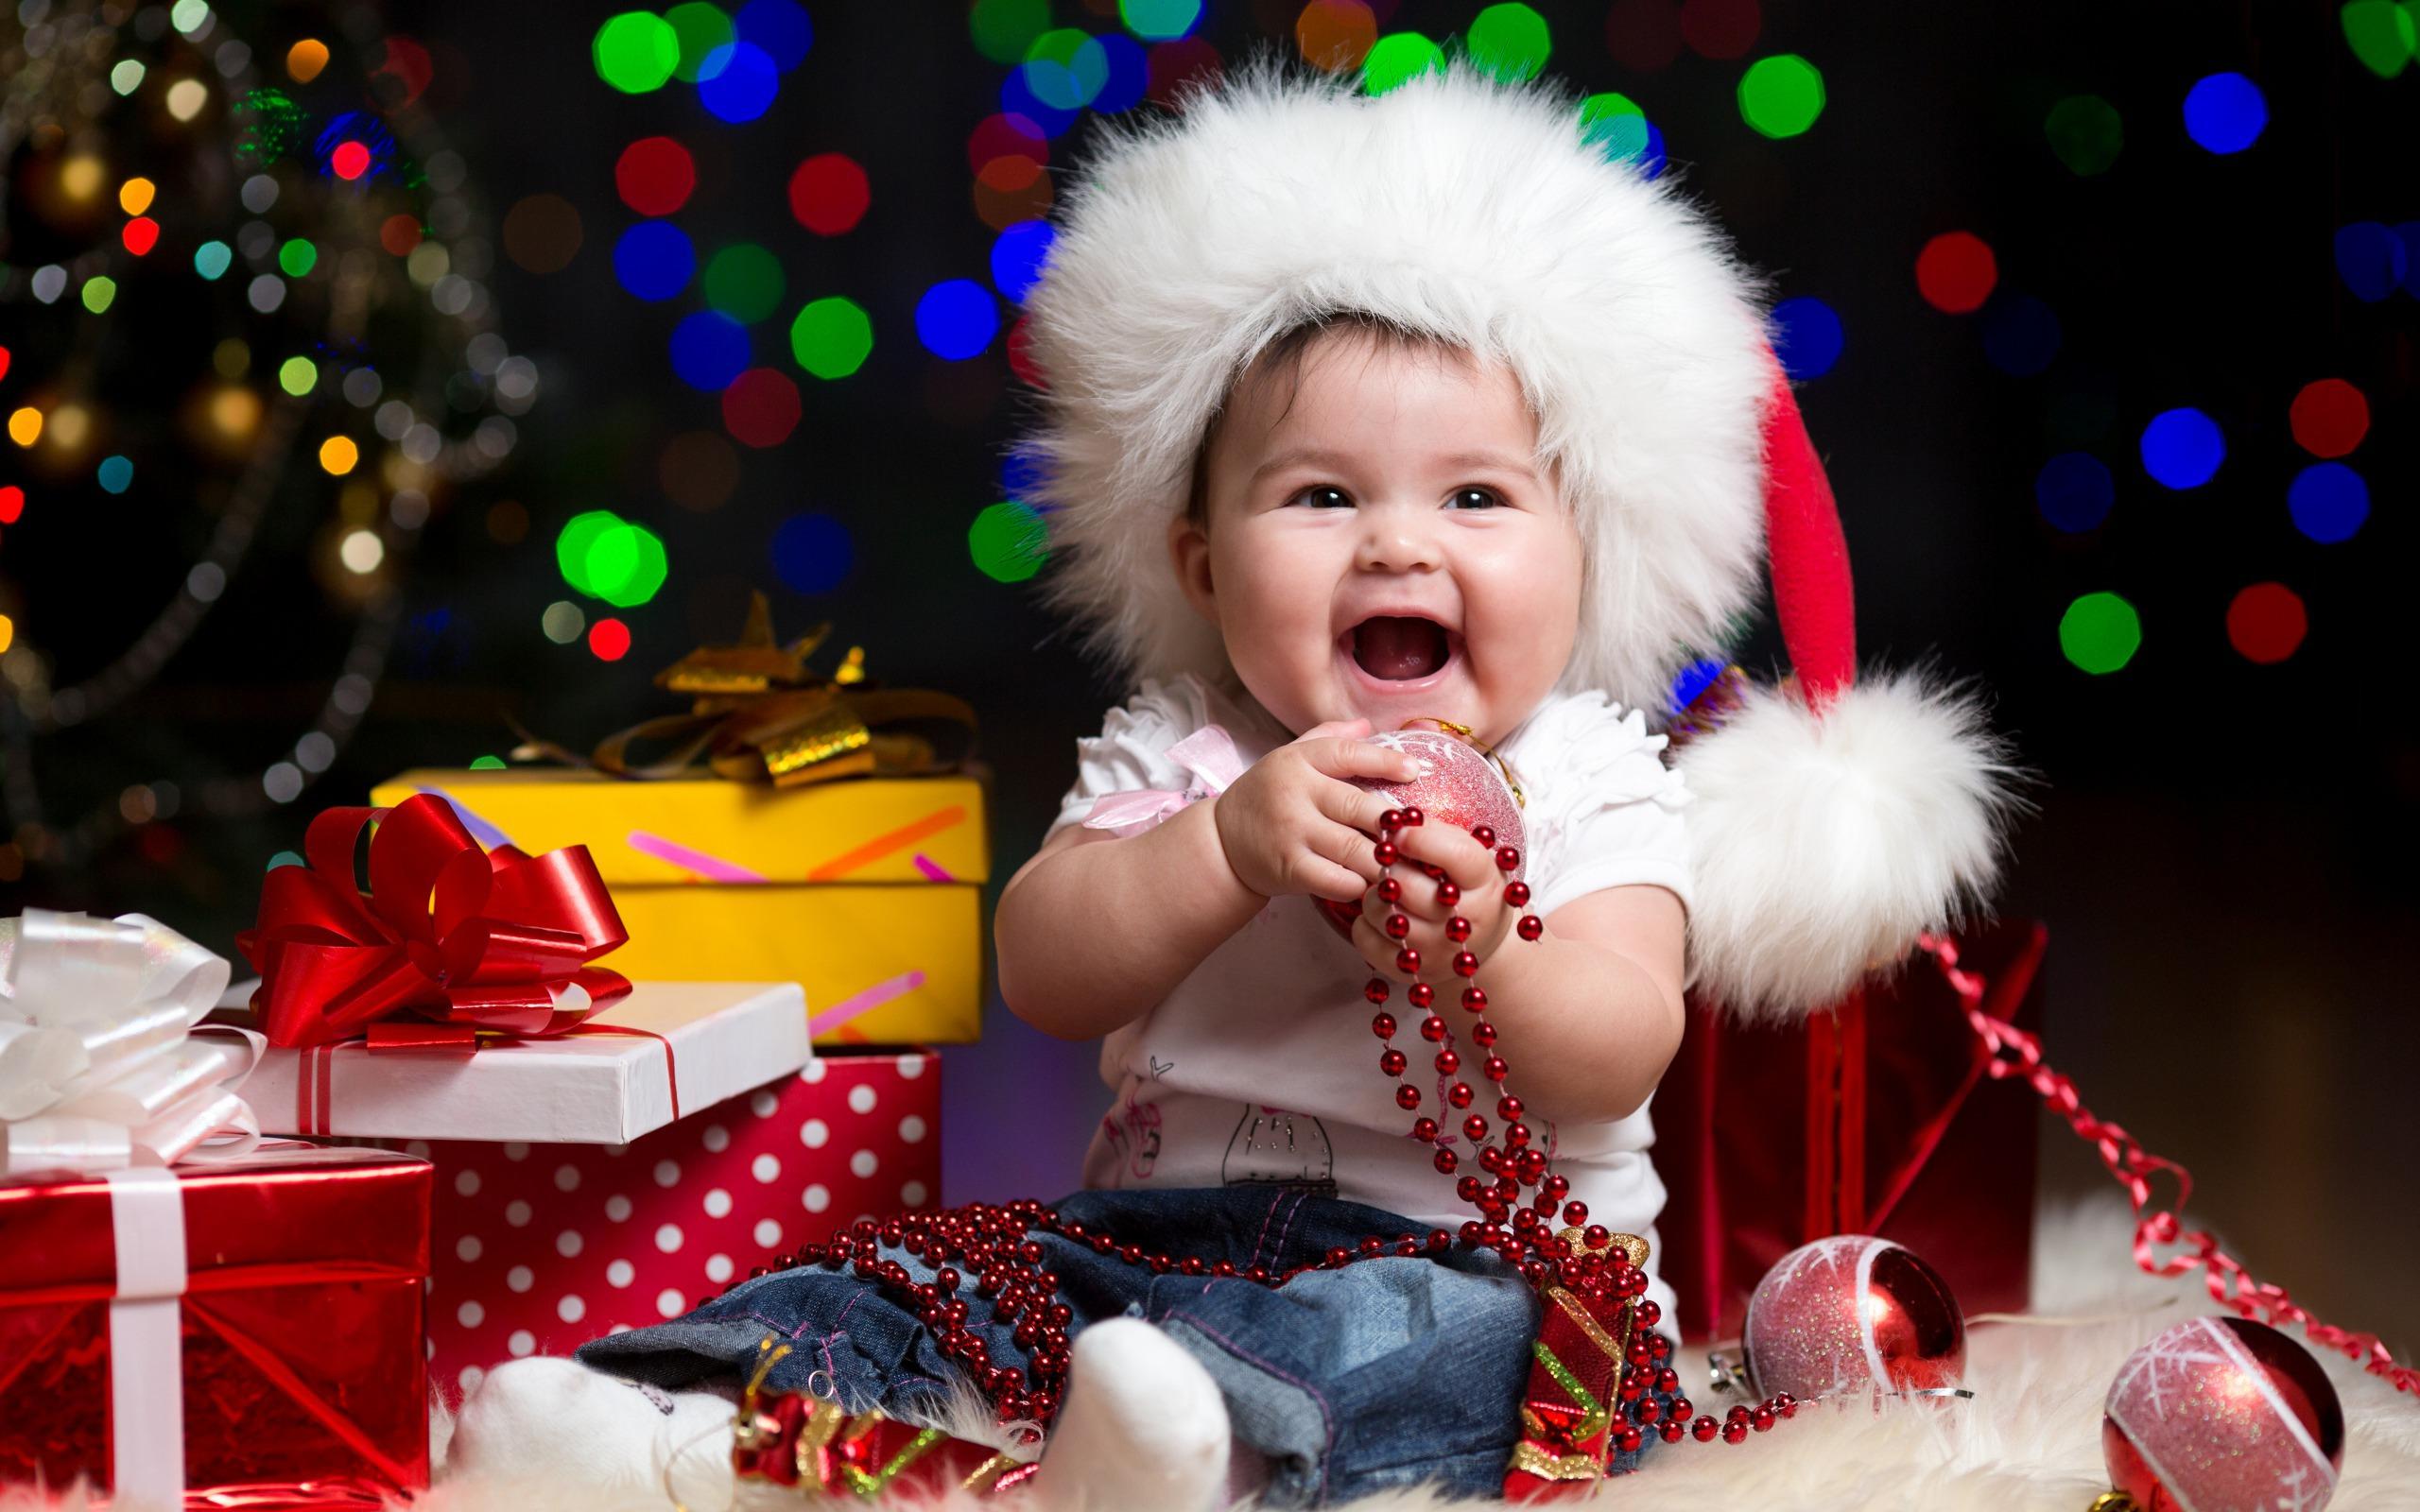 Ką per Kalėdas dovanoti vaikui?